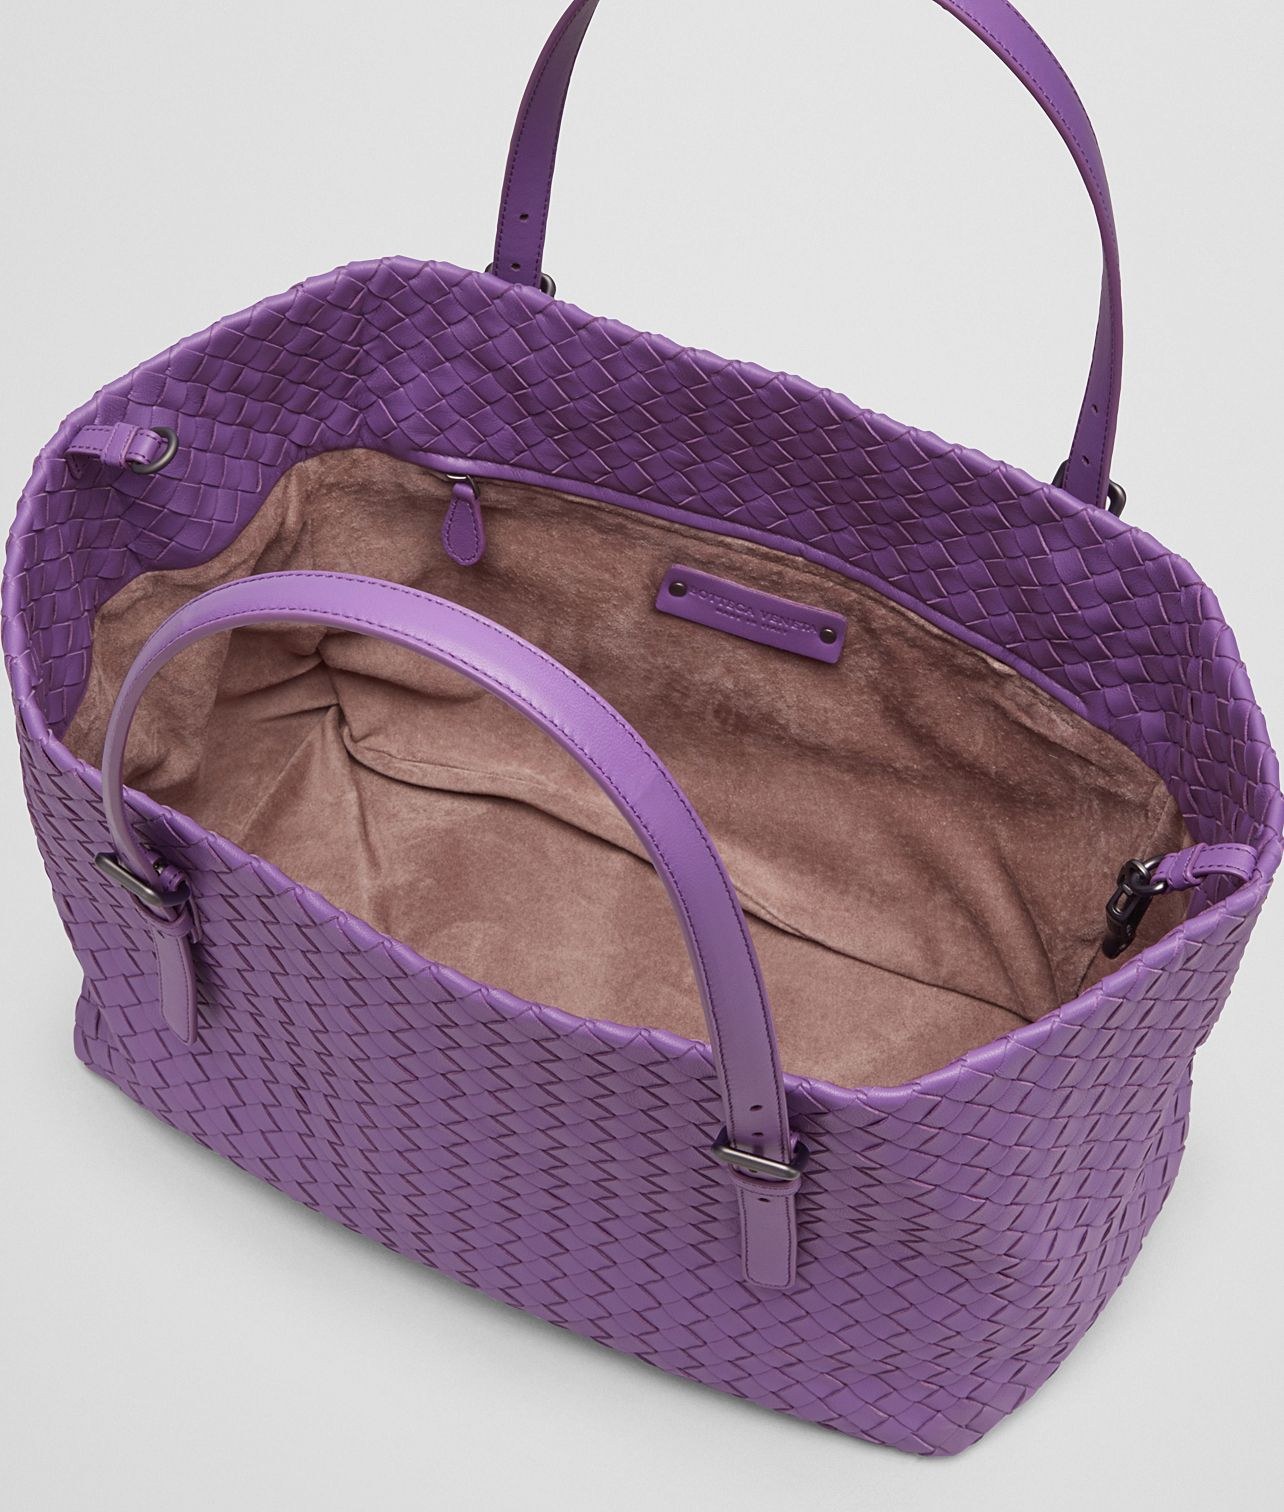 e9a5c690429 Shop Bottega Veneta® Women s MEDIUM TOTE BAG IN VESUVIO INTRECCIATO NAPPA.  Discover more details about the item.